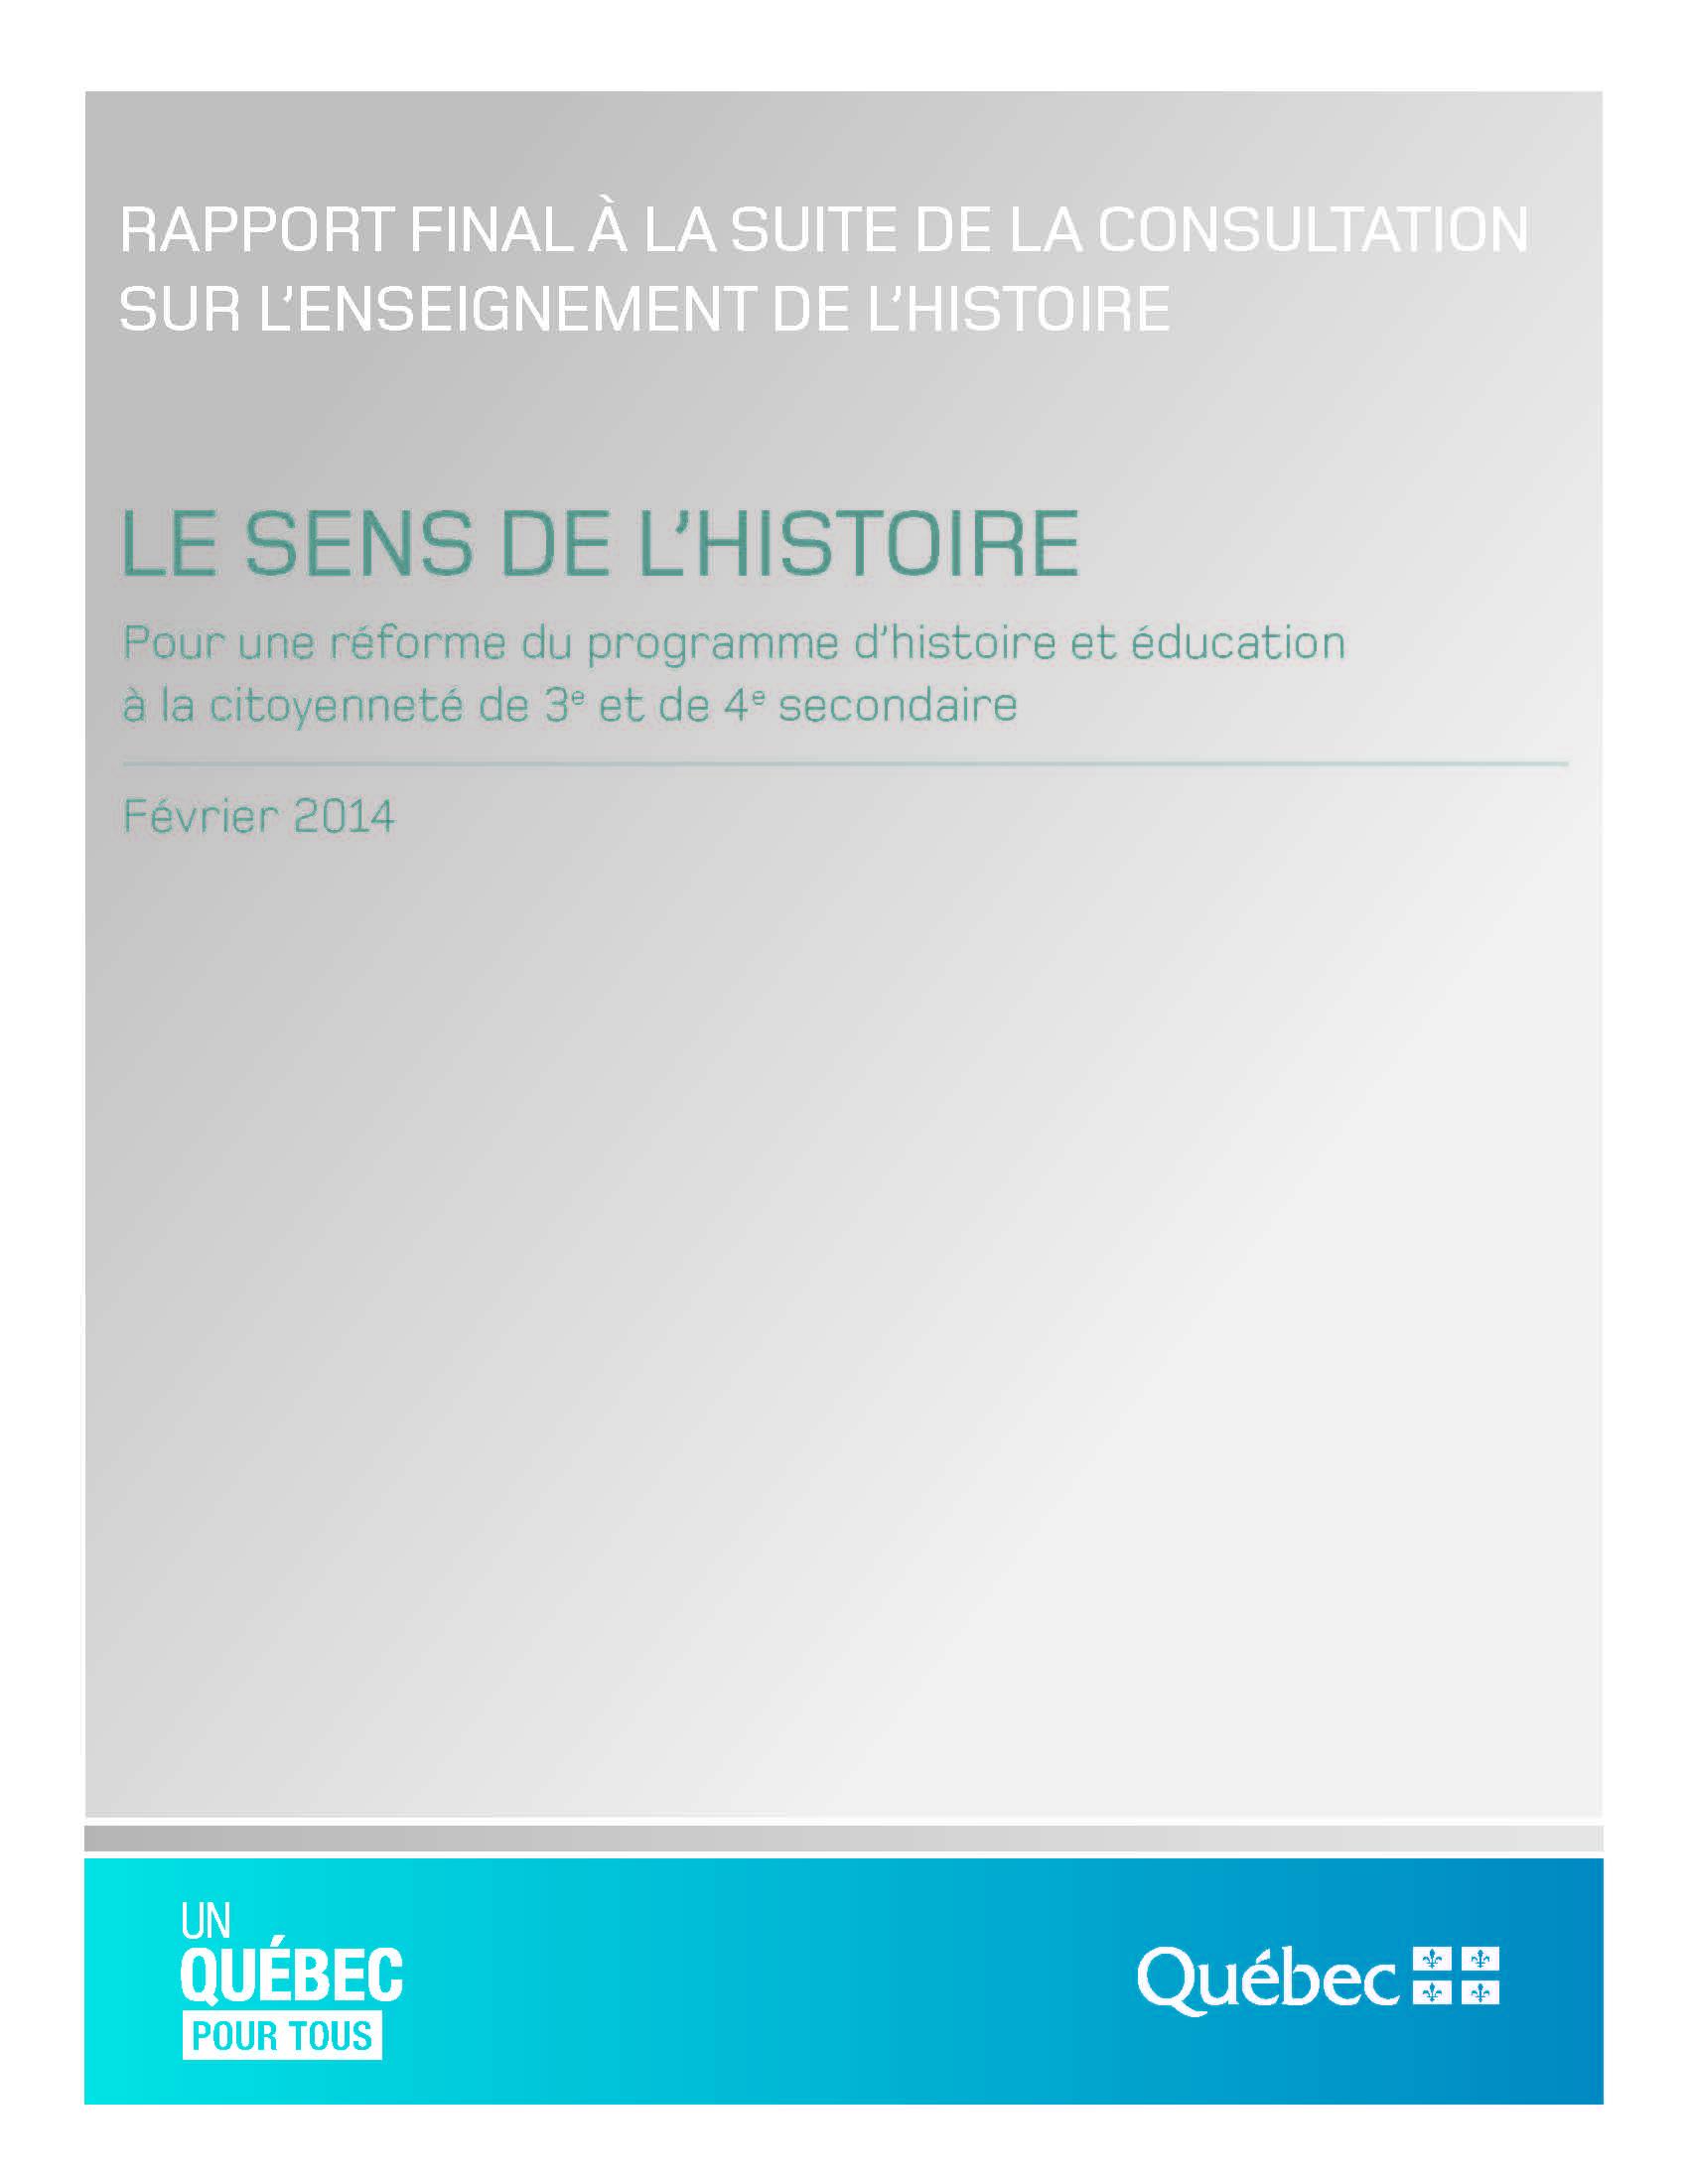 Cliquer sur l'image pour écouter une entrevue au sujet du rapport Beauchemin